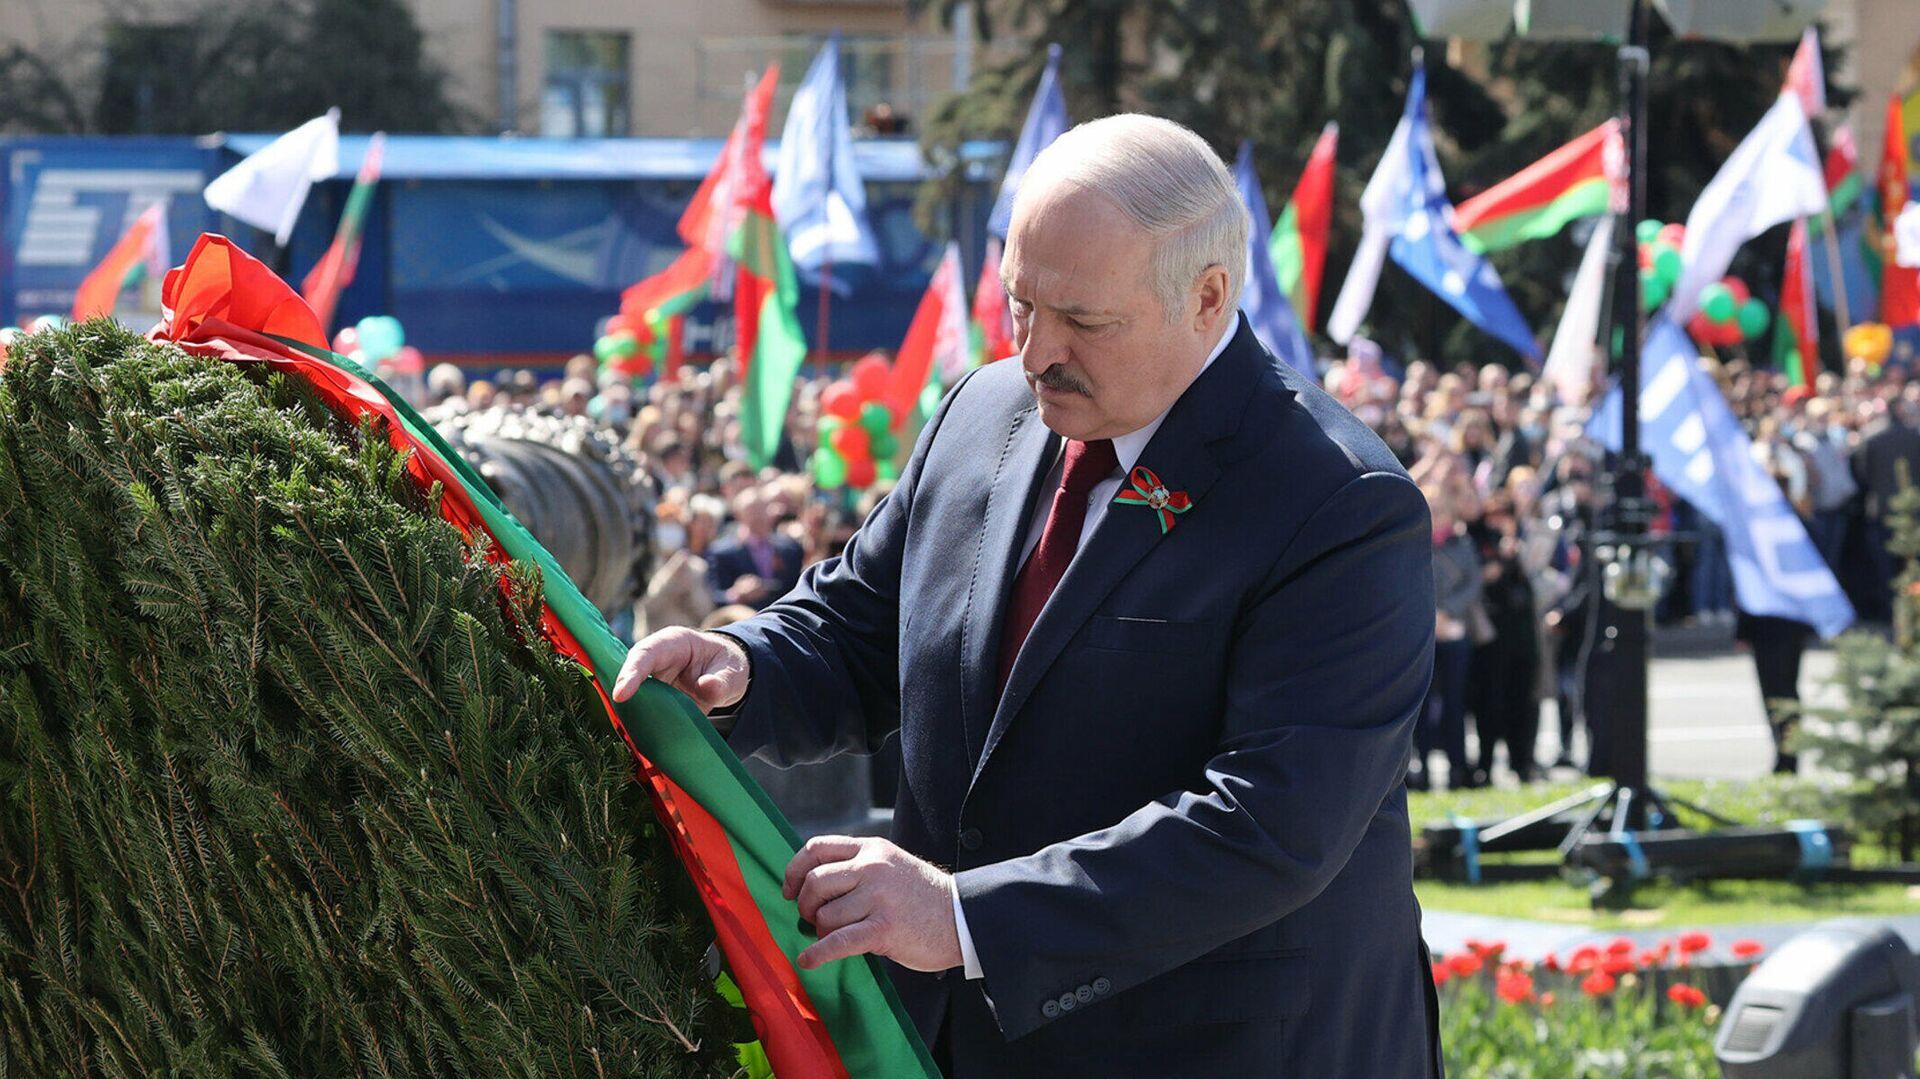 Президент Белоруссии Александр Лукашенко принимает участие в церемонии возложения цветов к монументу Победы в Минске - РИА Новости, 1920, 09.05.2021